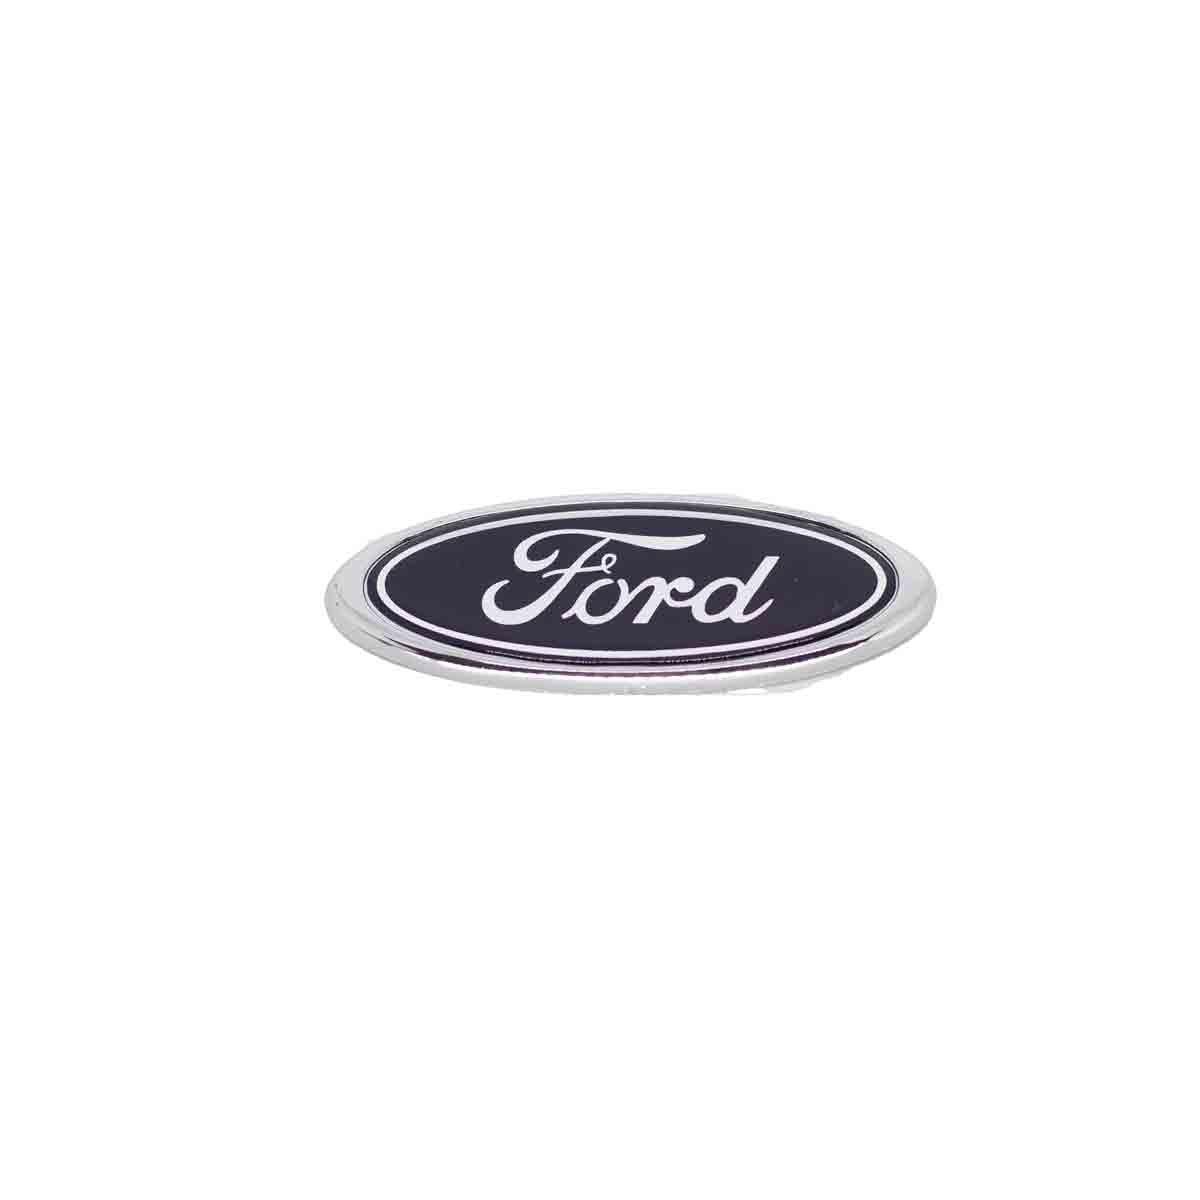 Emblema Porta Malas Ford Oval Zetec 98/ Encaixe